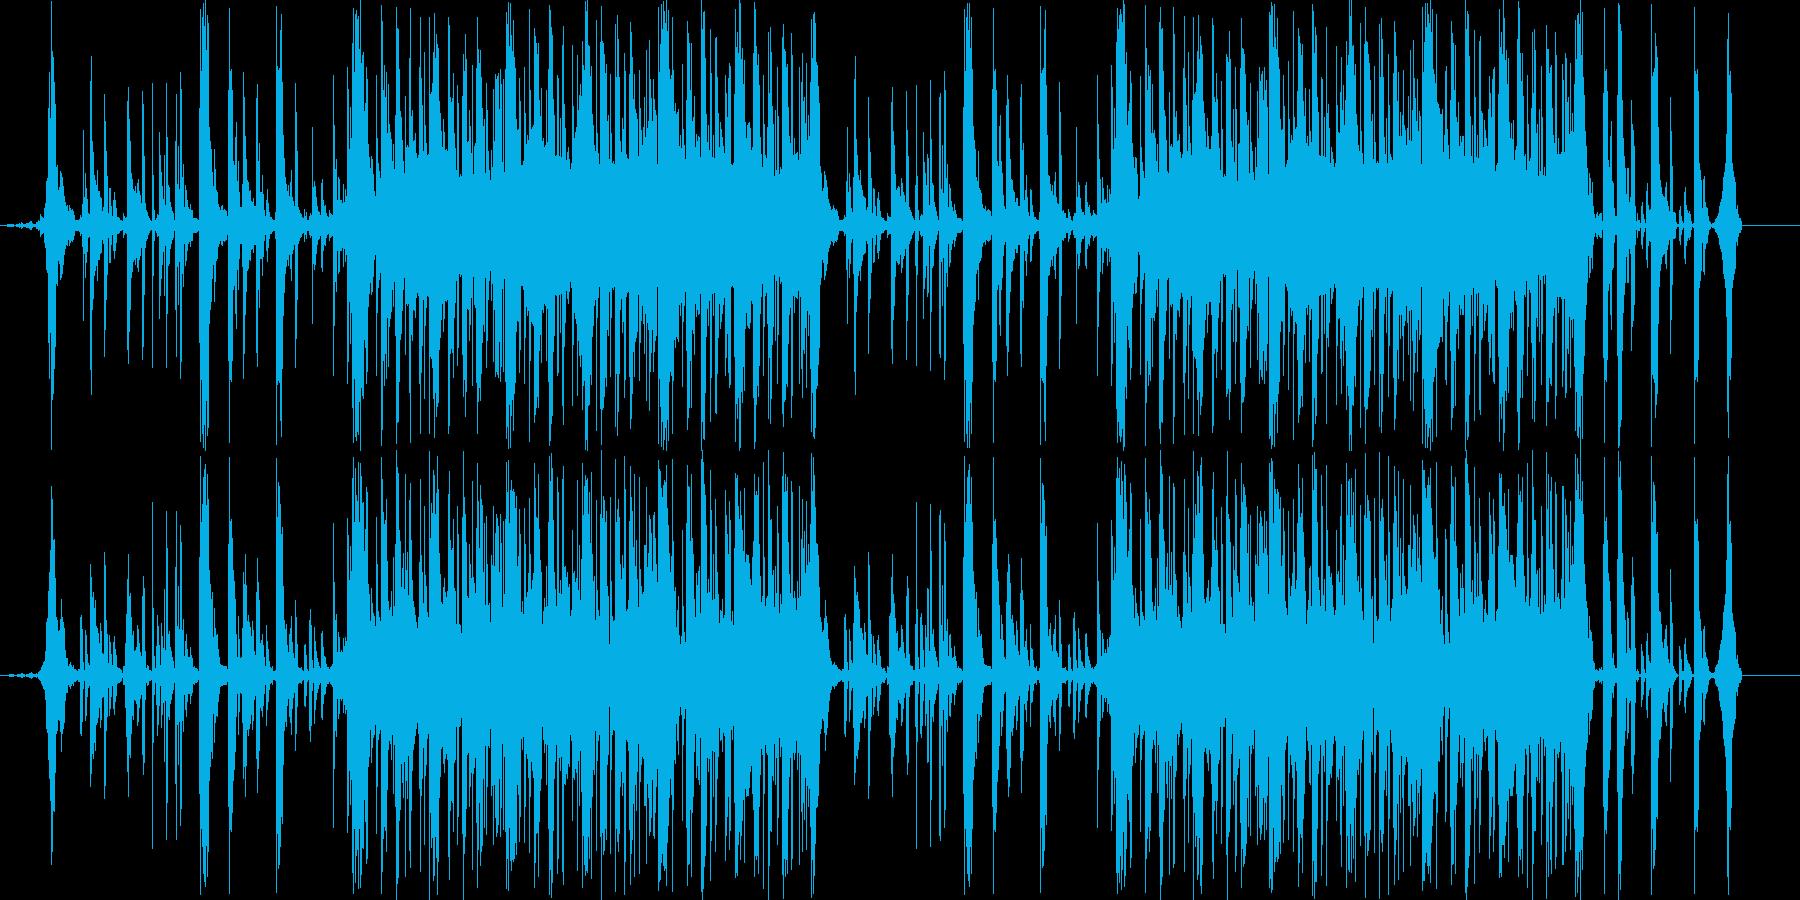 スピード感のあるドラムンベース曲の再生済みの波形